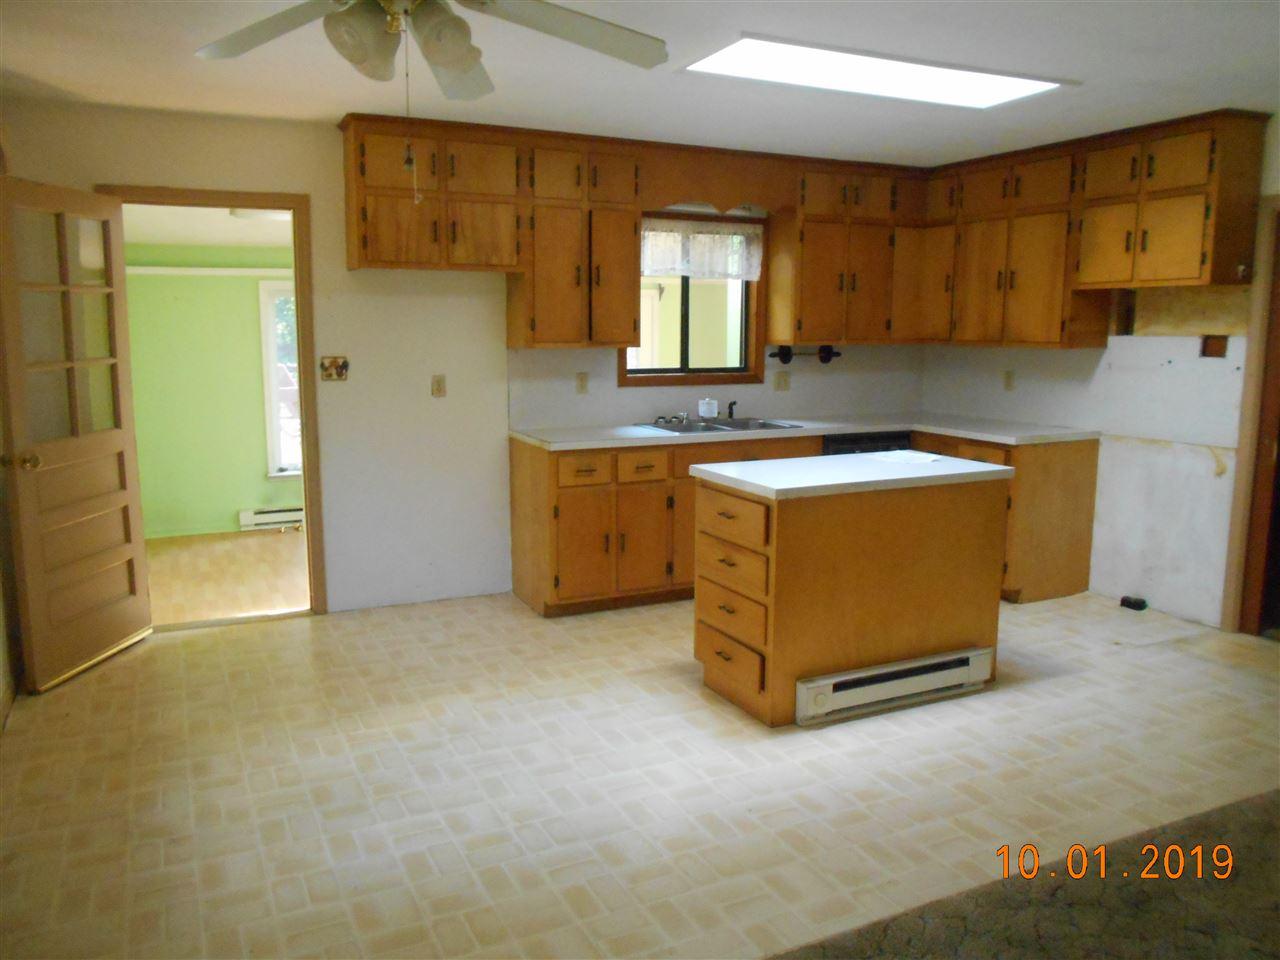 81 Swisher Rd, Staunton, VA, 24401